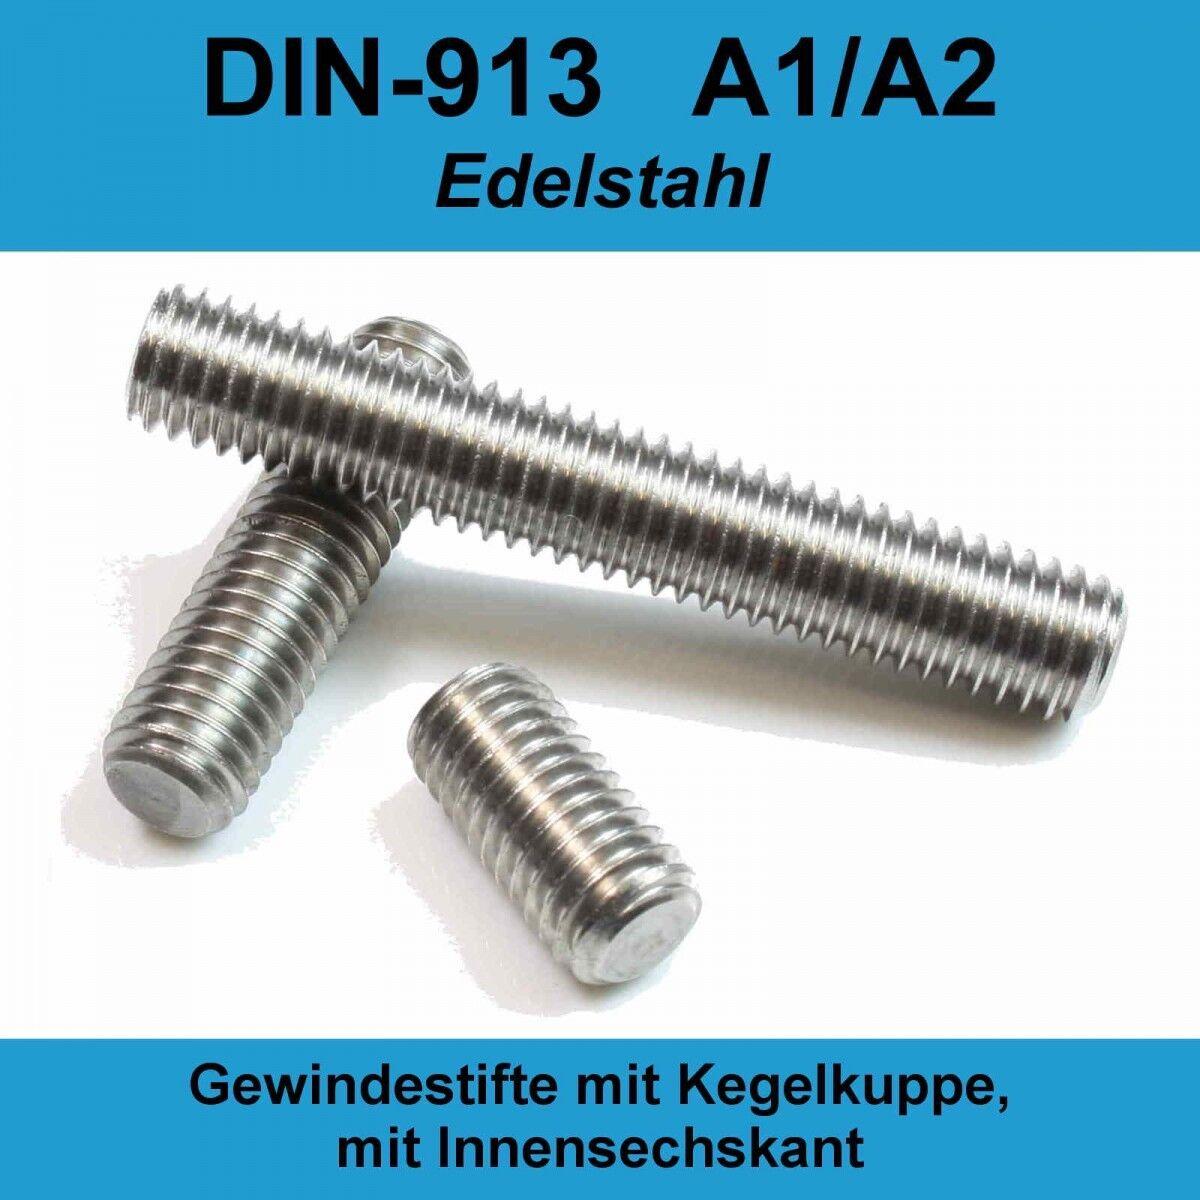 M5 DIN913 A2 Edelstahl Gewindestifte Gewindestifte Gewindestifte Kegelkuppe Innensechskant Madenschraube M5x   Online-Exportgeschäft  6ac13f